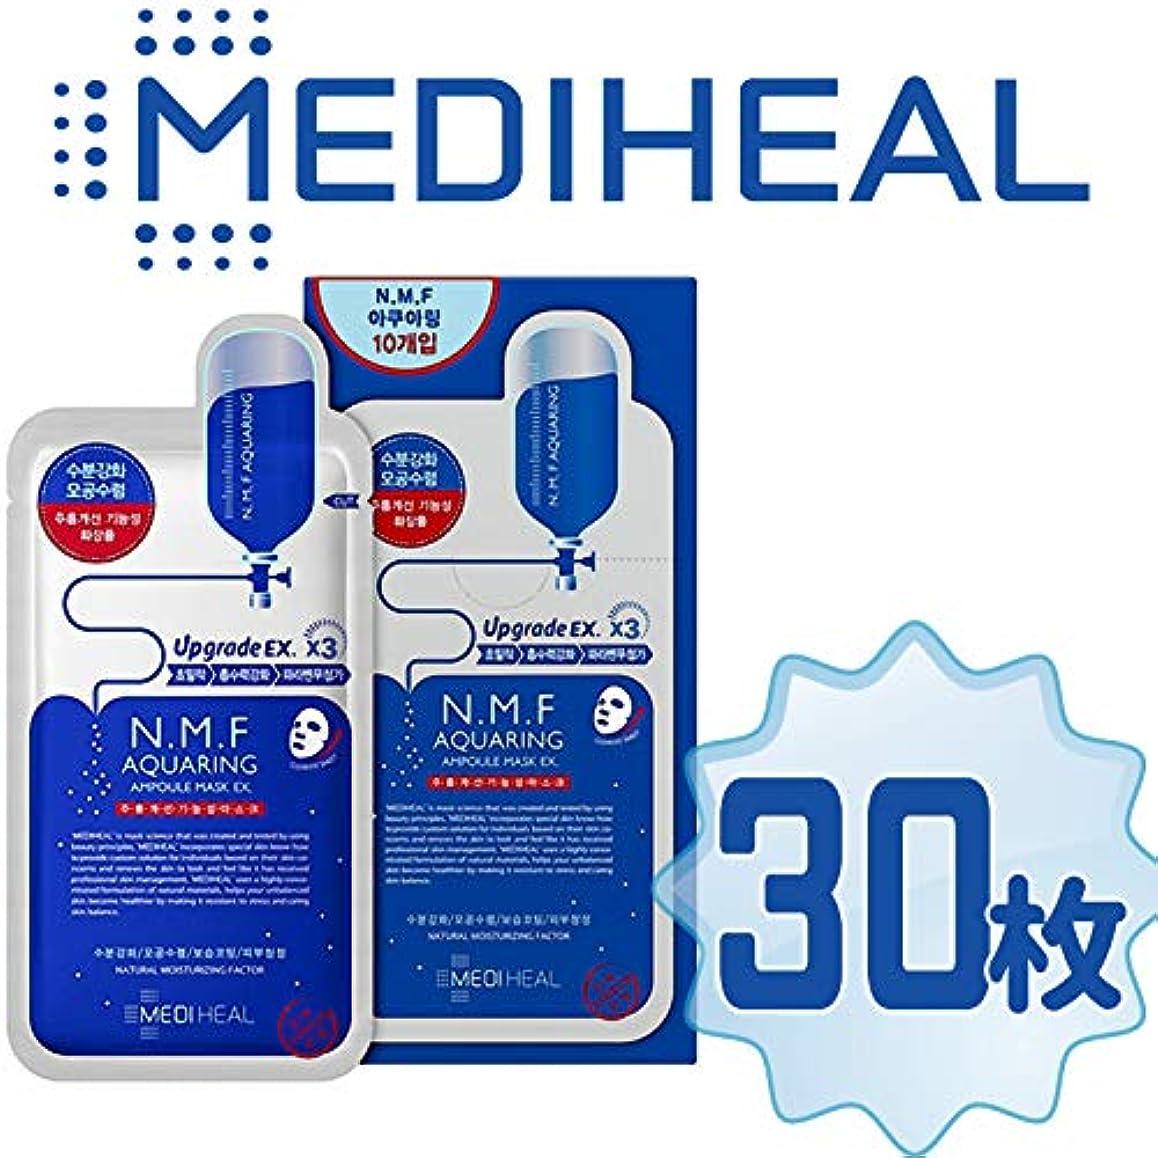 先行する極地和らげる【正規輸入品】Mediheal メディヒール N.M.F アクアリング アンプル?マスクパックEX 10枚入り×3(Aquaring Ampoule Essential Mask PackEX 1box(10sheet)×3